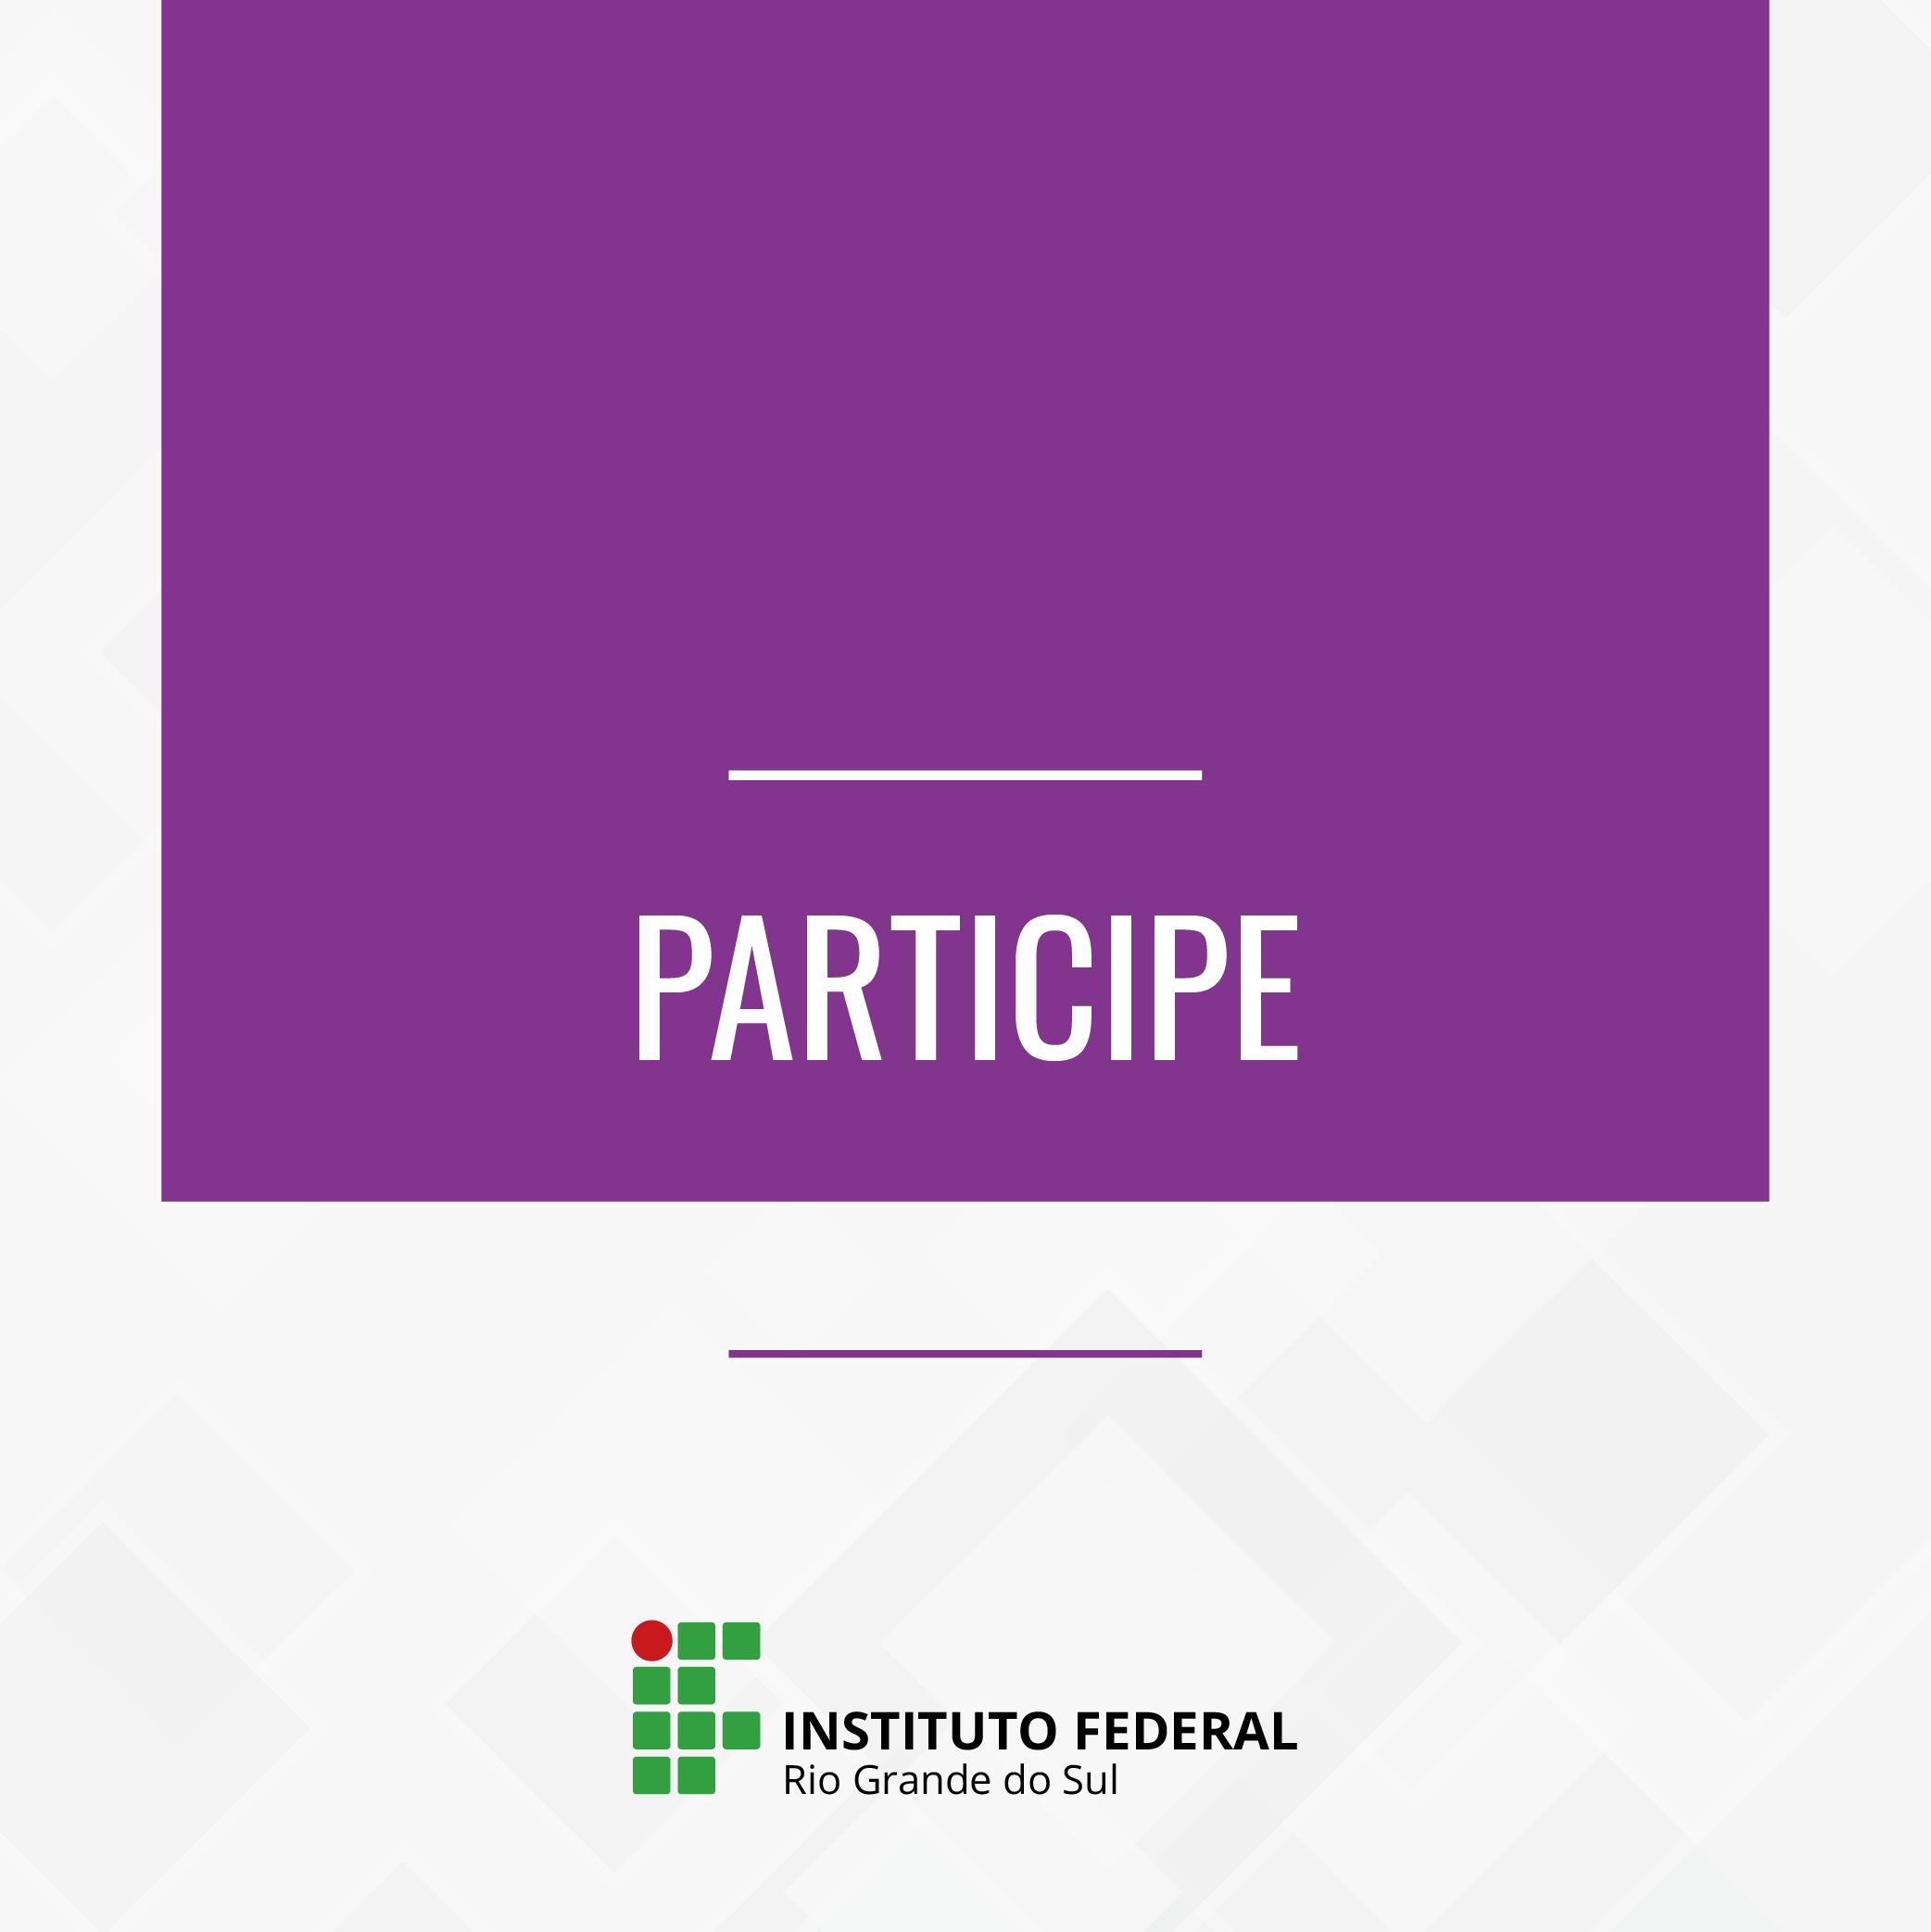 Informação textual Participe e marca do IFRS